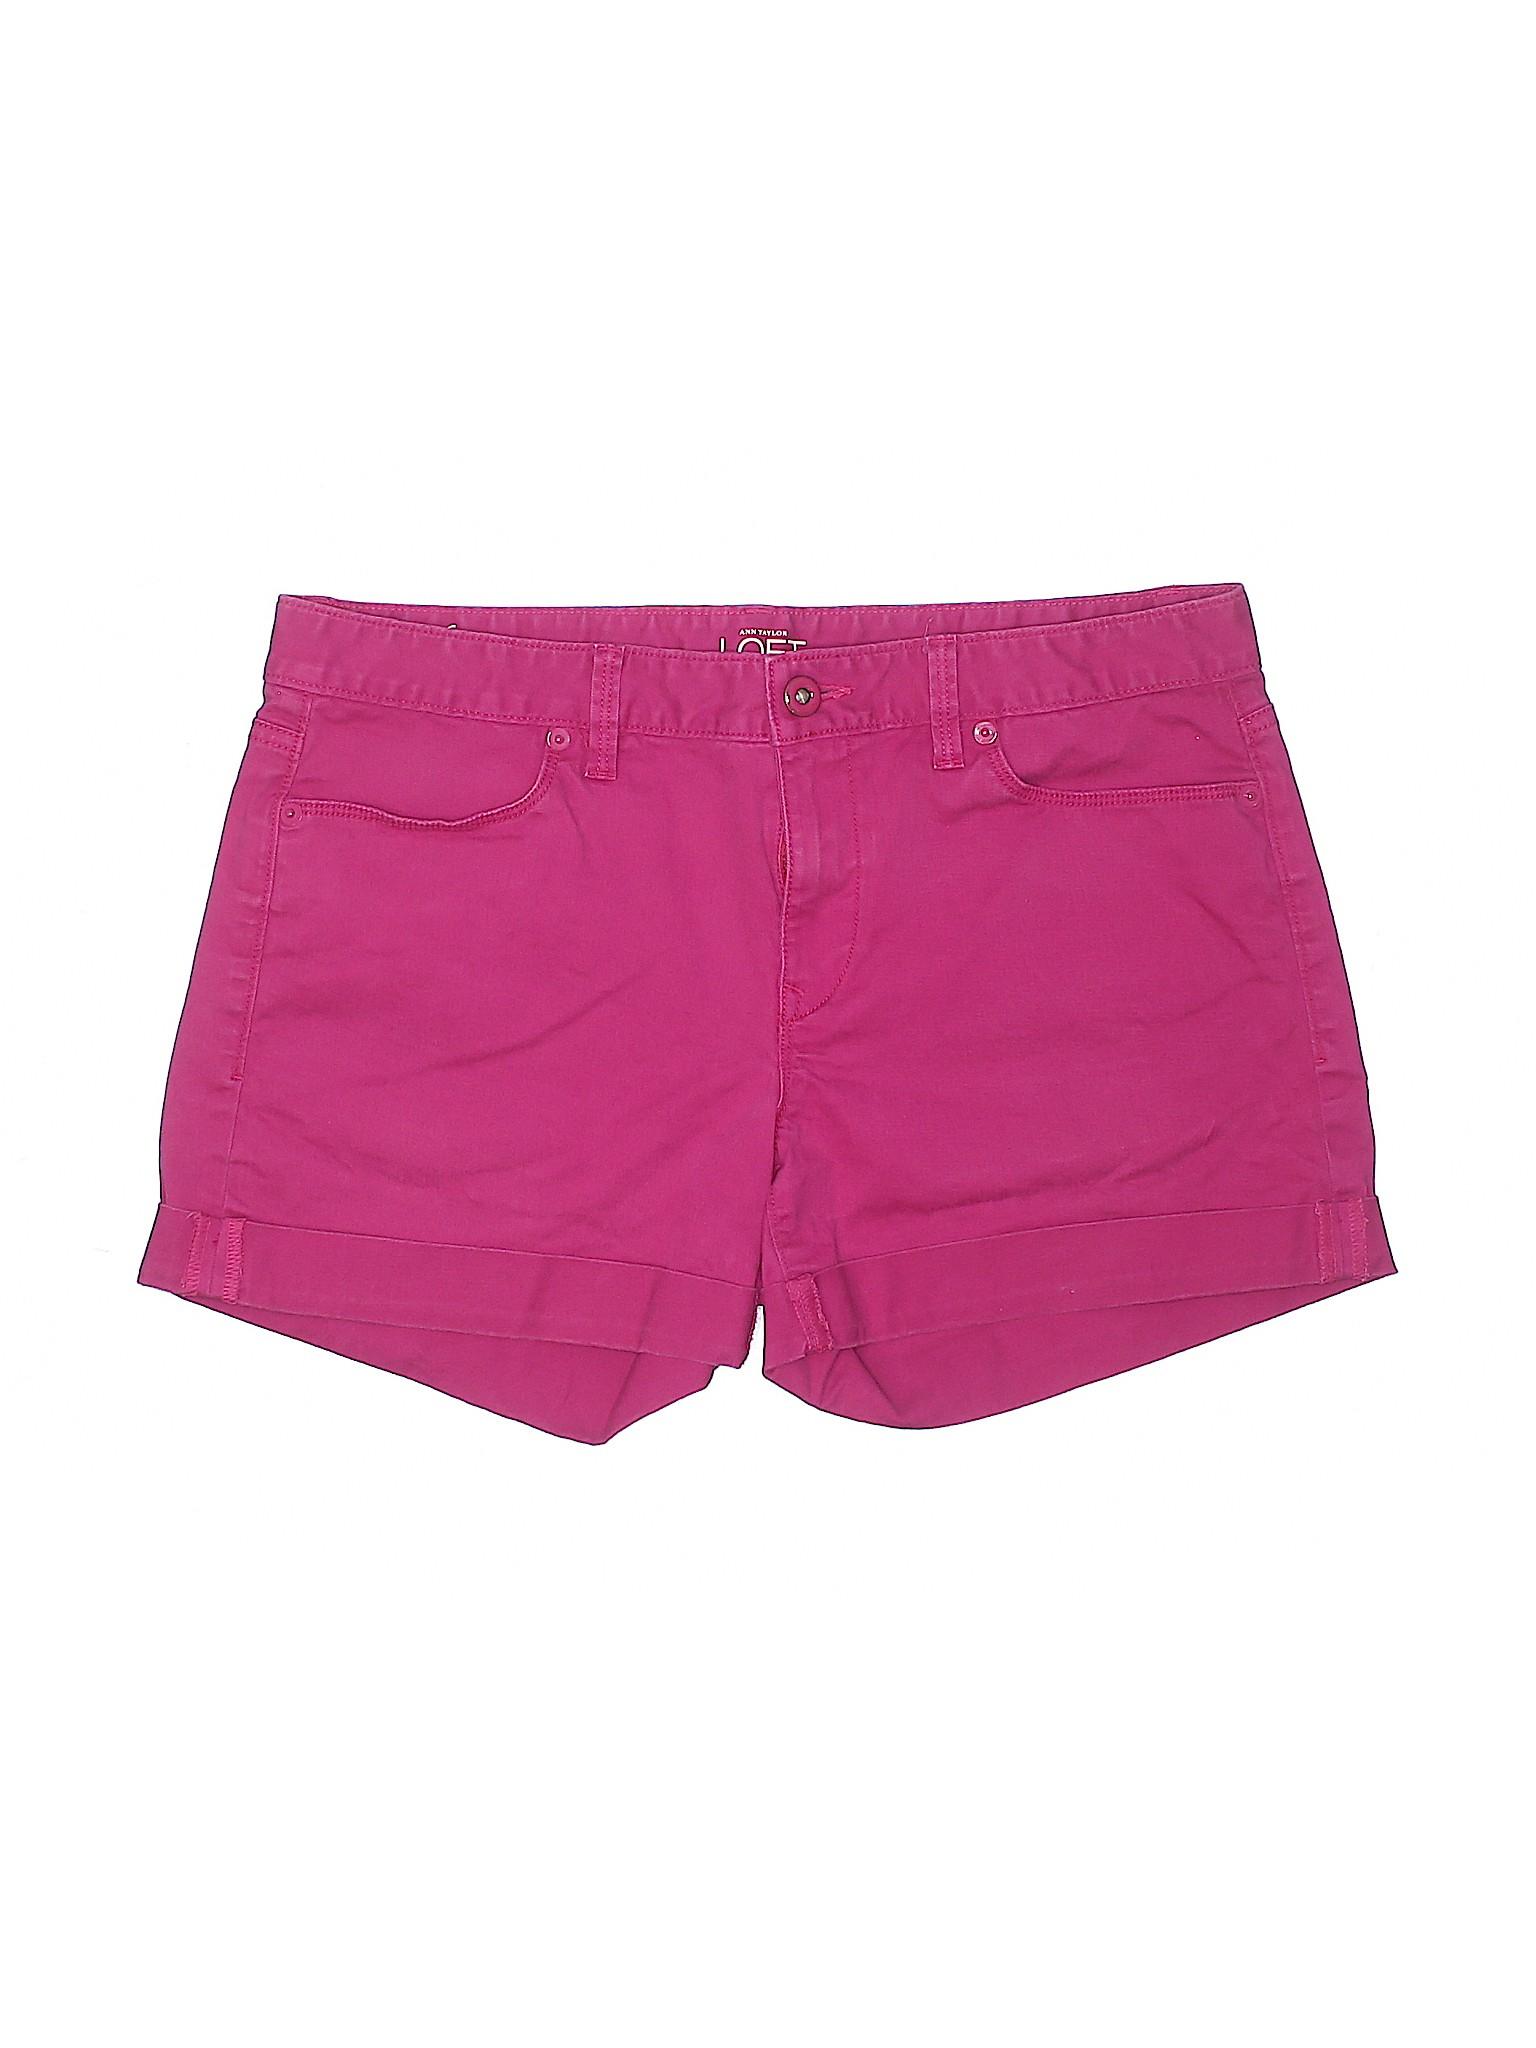 Shorts Ann LOFT Taylor Khaki Boutique w6YqgnSS